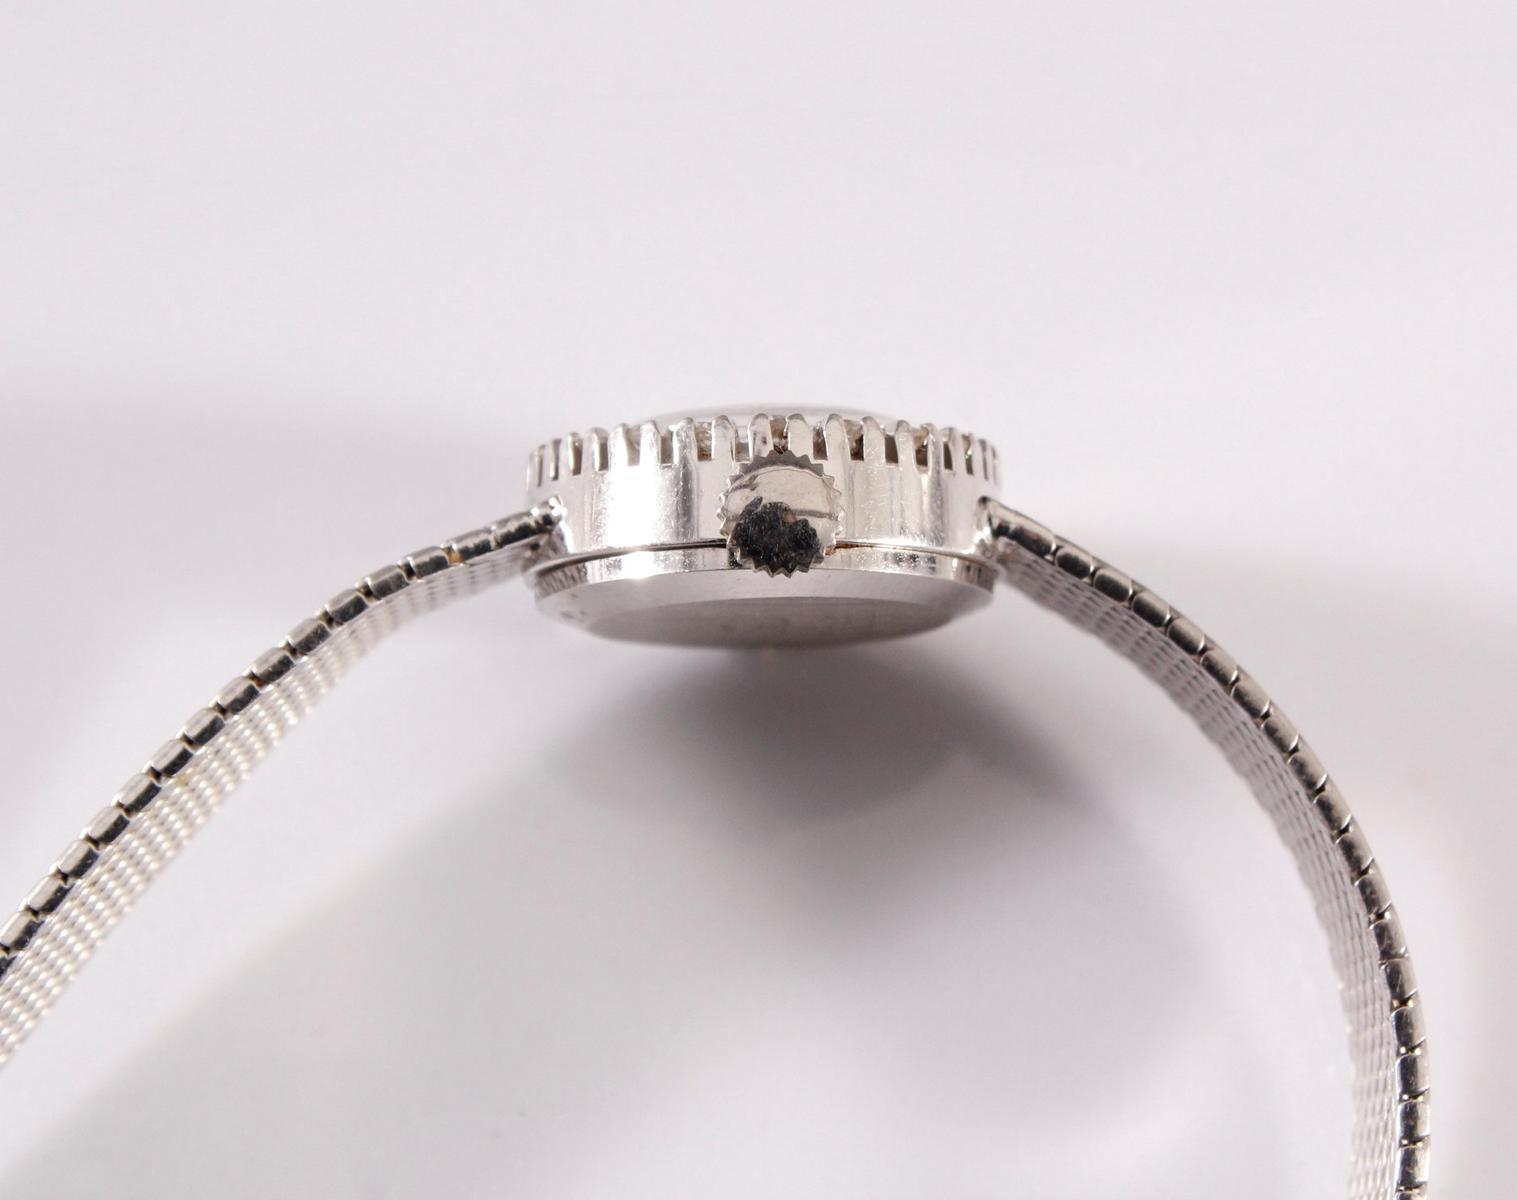 Damenarmbanduhr der Marke Beha mit Diamantkranz, 14 kt Weißgold-3